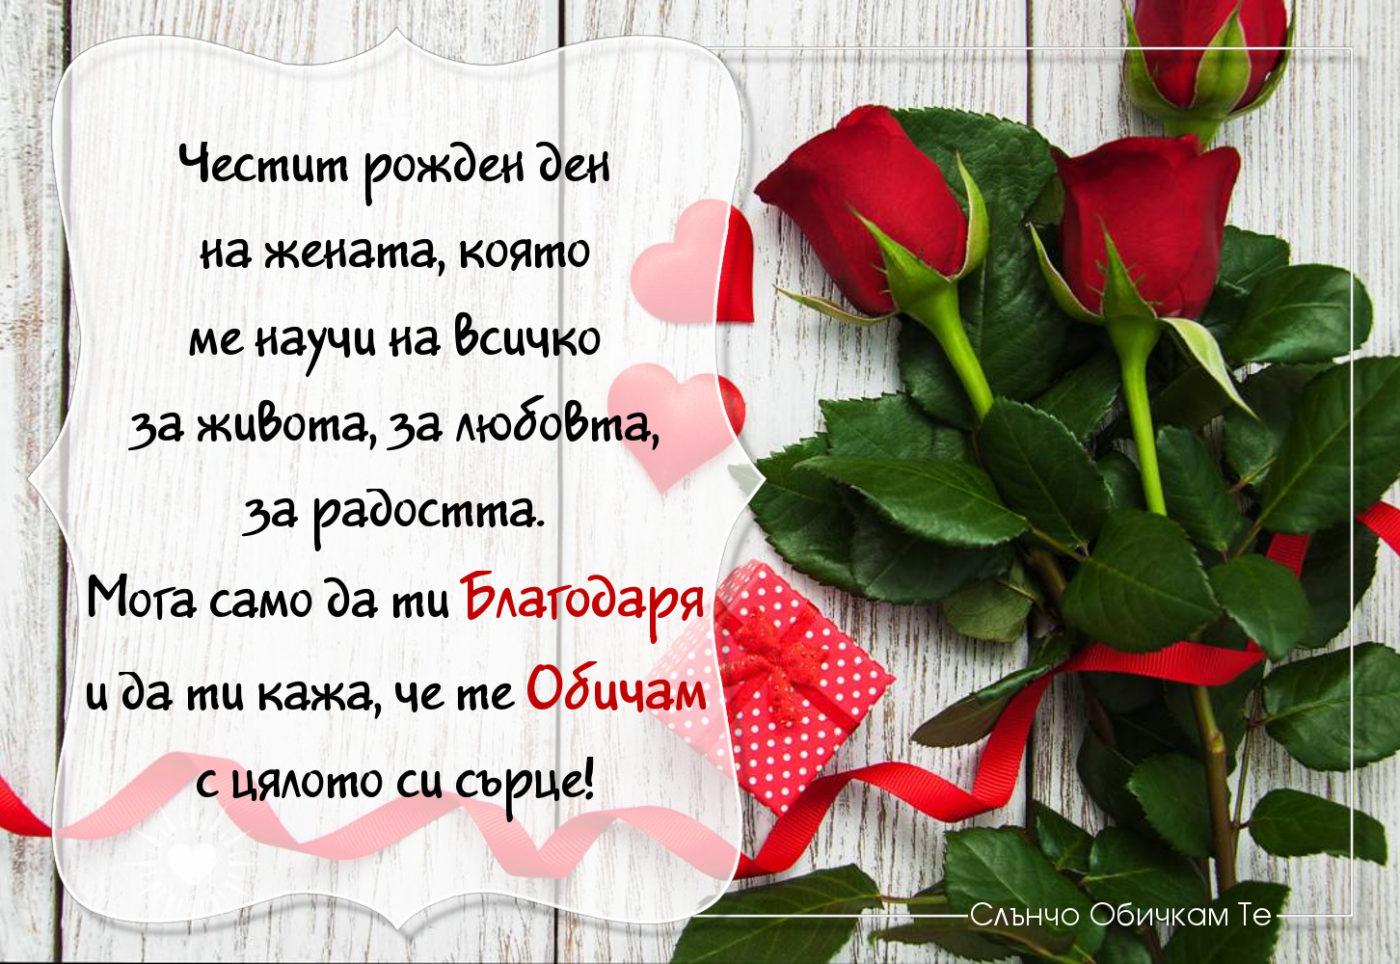 Честит рожден ден на моята майка, обичам те мамо! - Картички за рожден ден, пожелания за рожден ден, мисли за рожден ден на майката